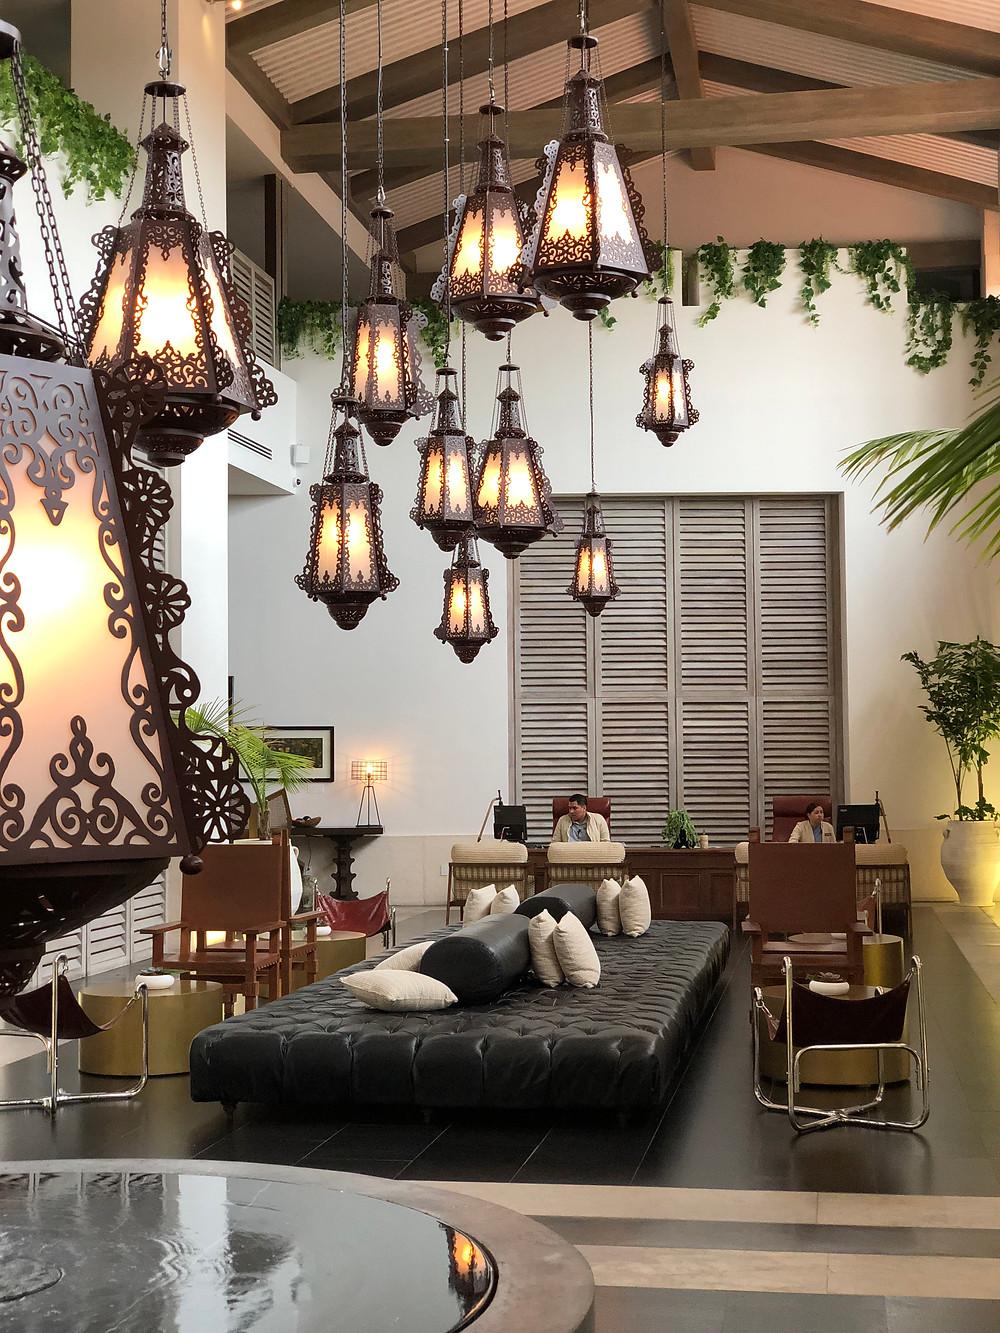 Voyages Isana, Unico hôtel